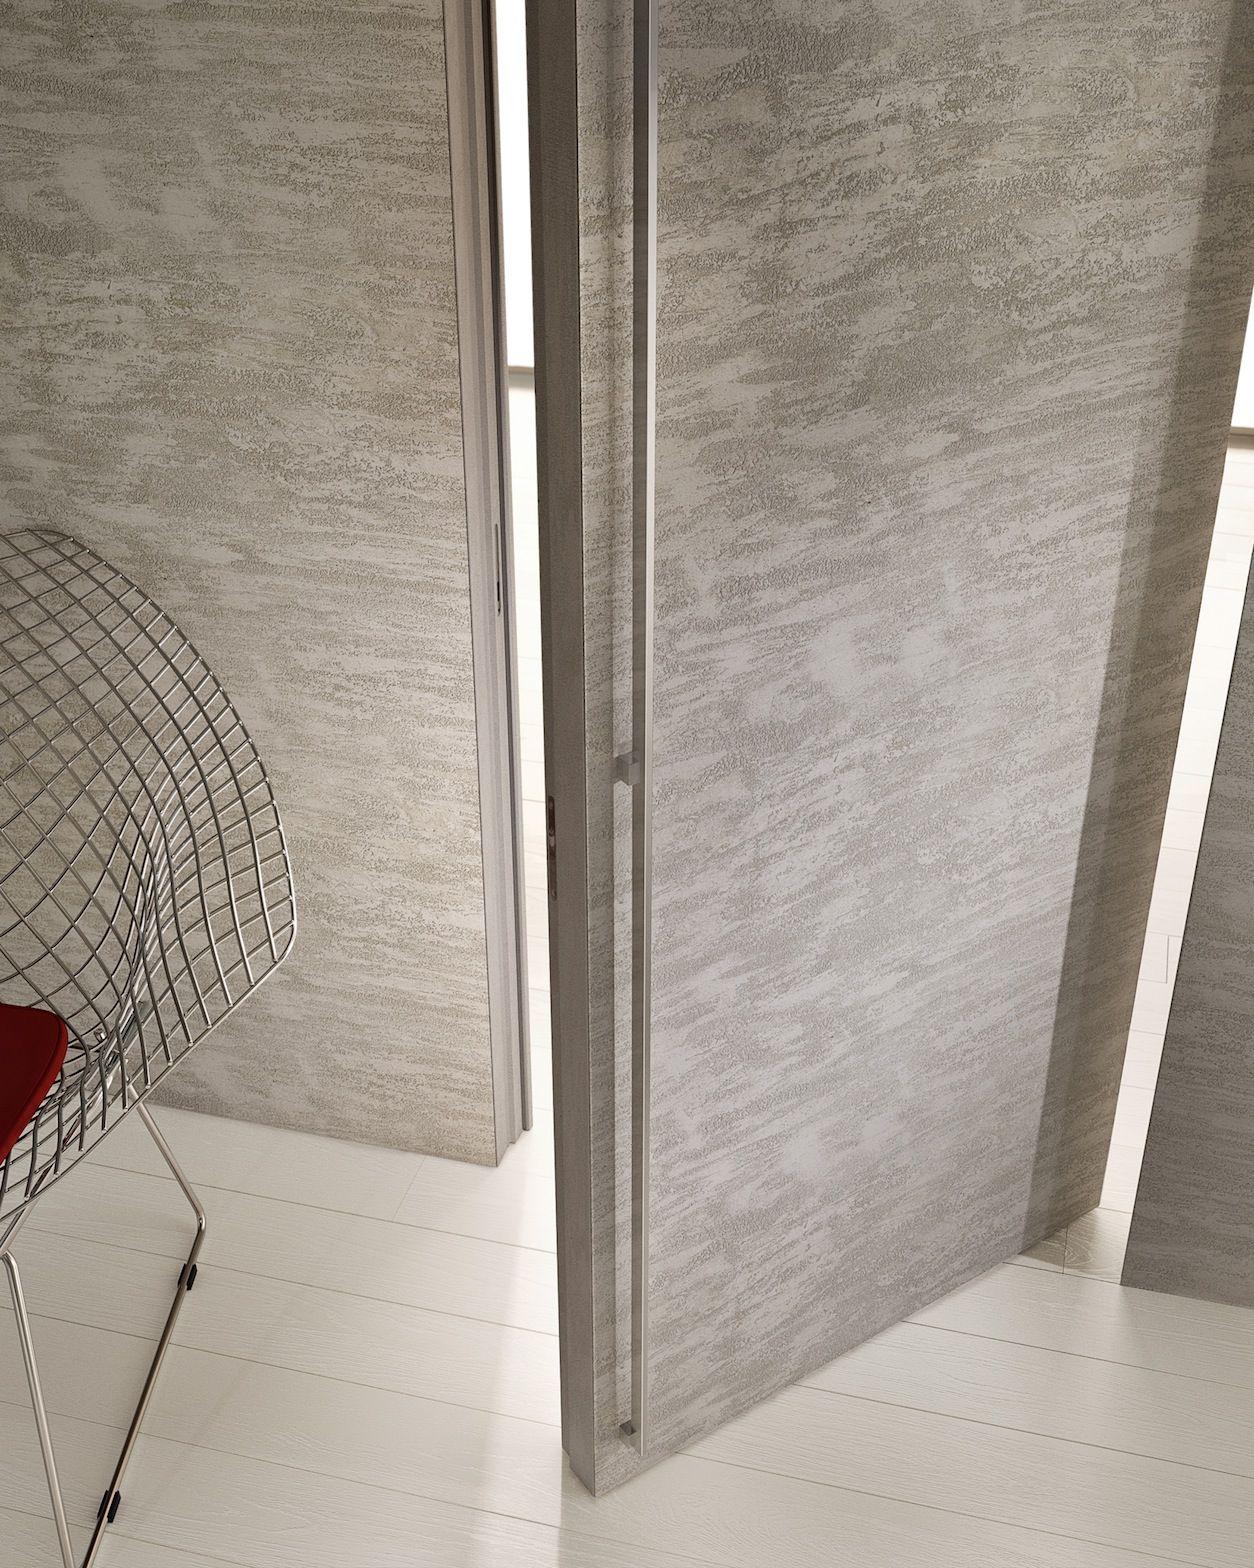 Filomuro porta in cemento by garofoli - Porta a filo muro prezzi ...